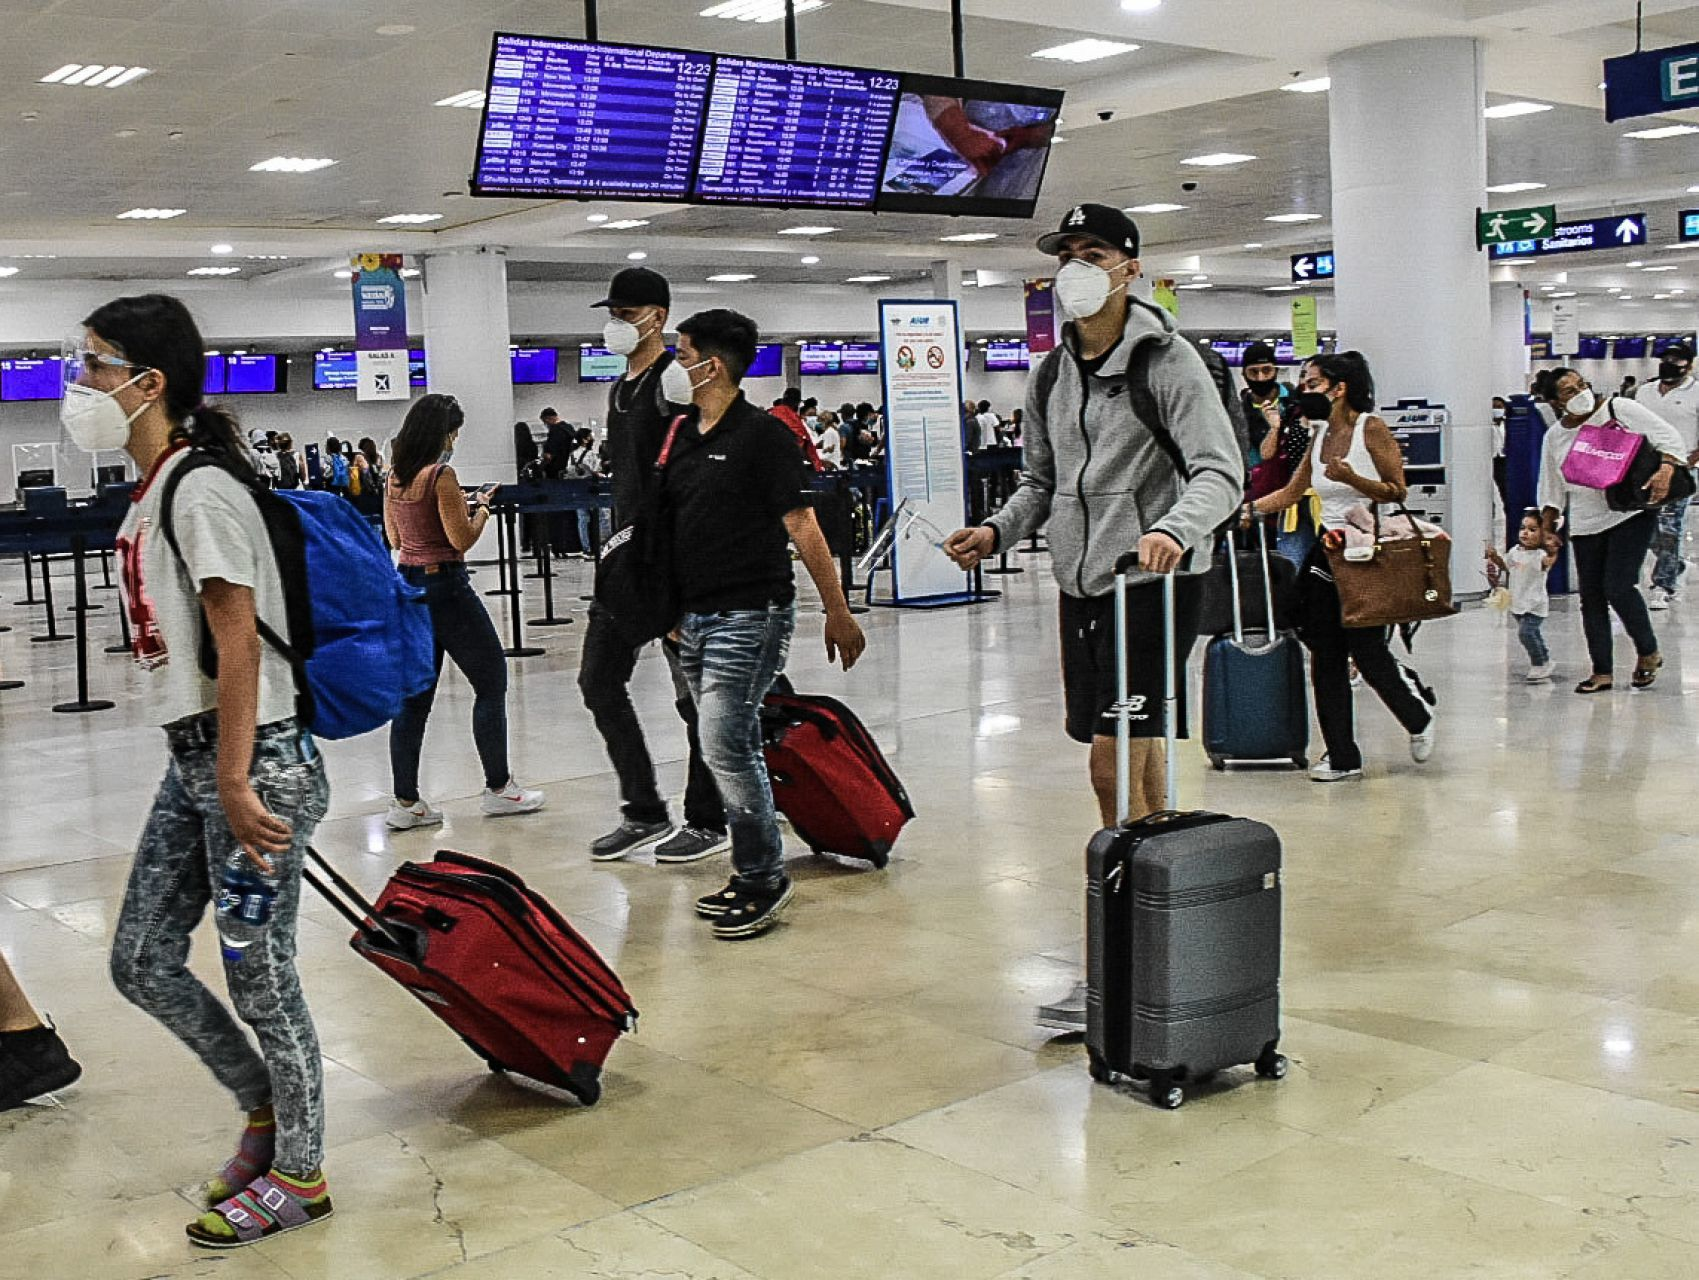 #DatoDeLaSemana: La recuperación turbulenta del sector turístico en México